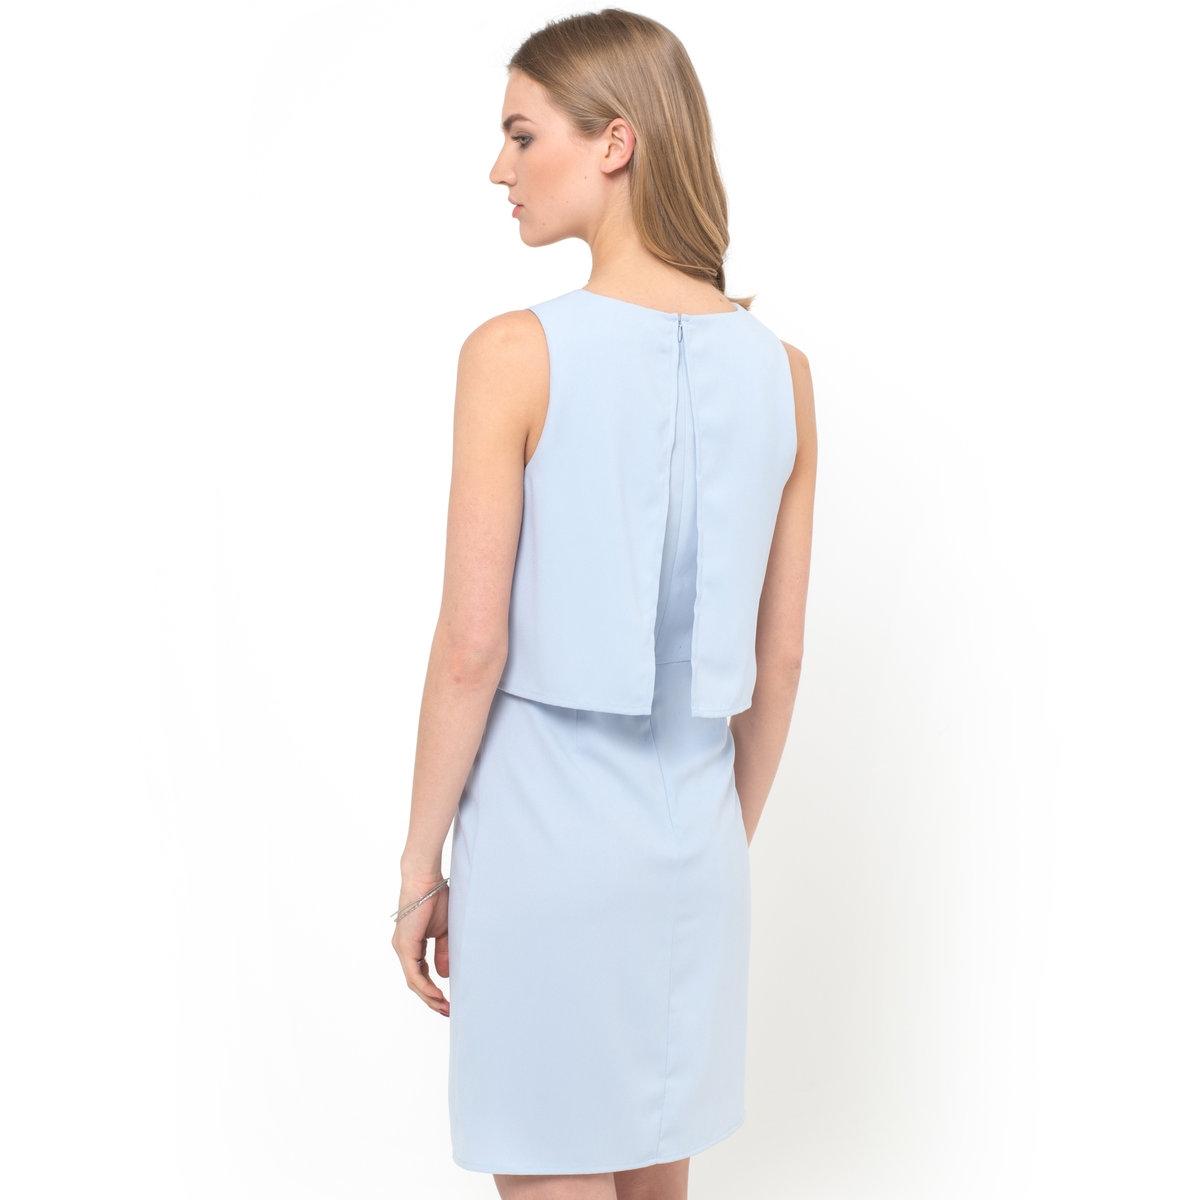 Платье без рукавовПлатье из крепа, 100% полиэстера. Наложение с эффектом 2 в 1. Круглый вырез. Фантазийная вышивка на плечах. Застежка на скрытую молнию сзади. Расклешенная юбка. Длина 90 см.<br><br>Цвет: небесно-голубой<br>Размер: 48 (FR) - 54 (RUS)